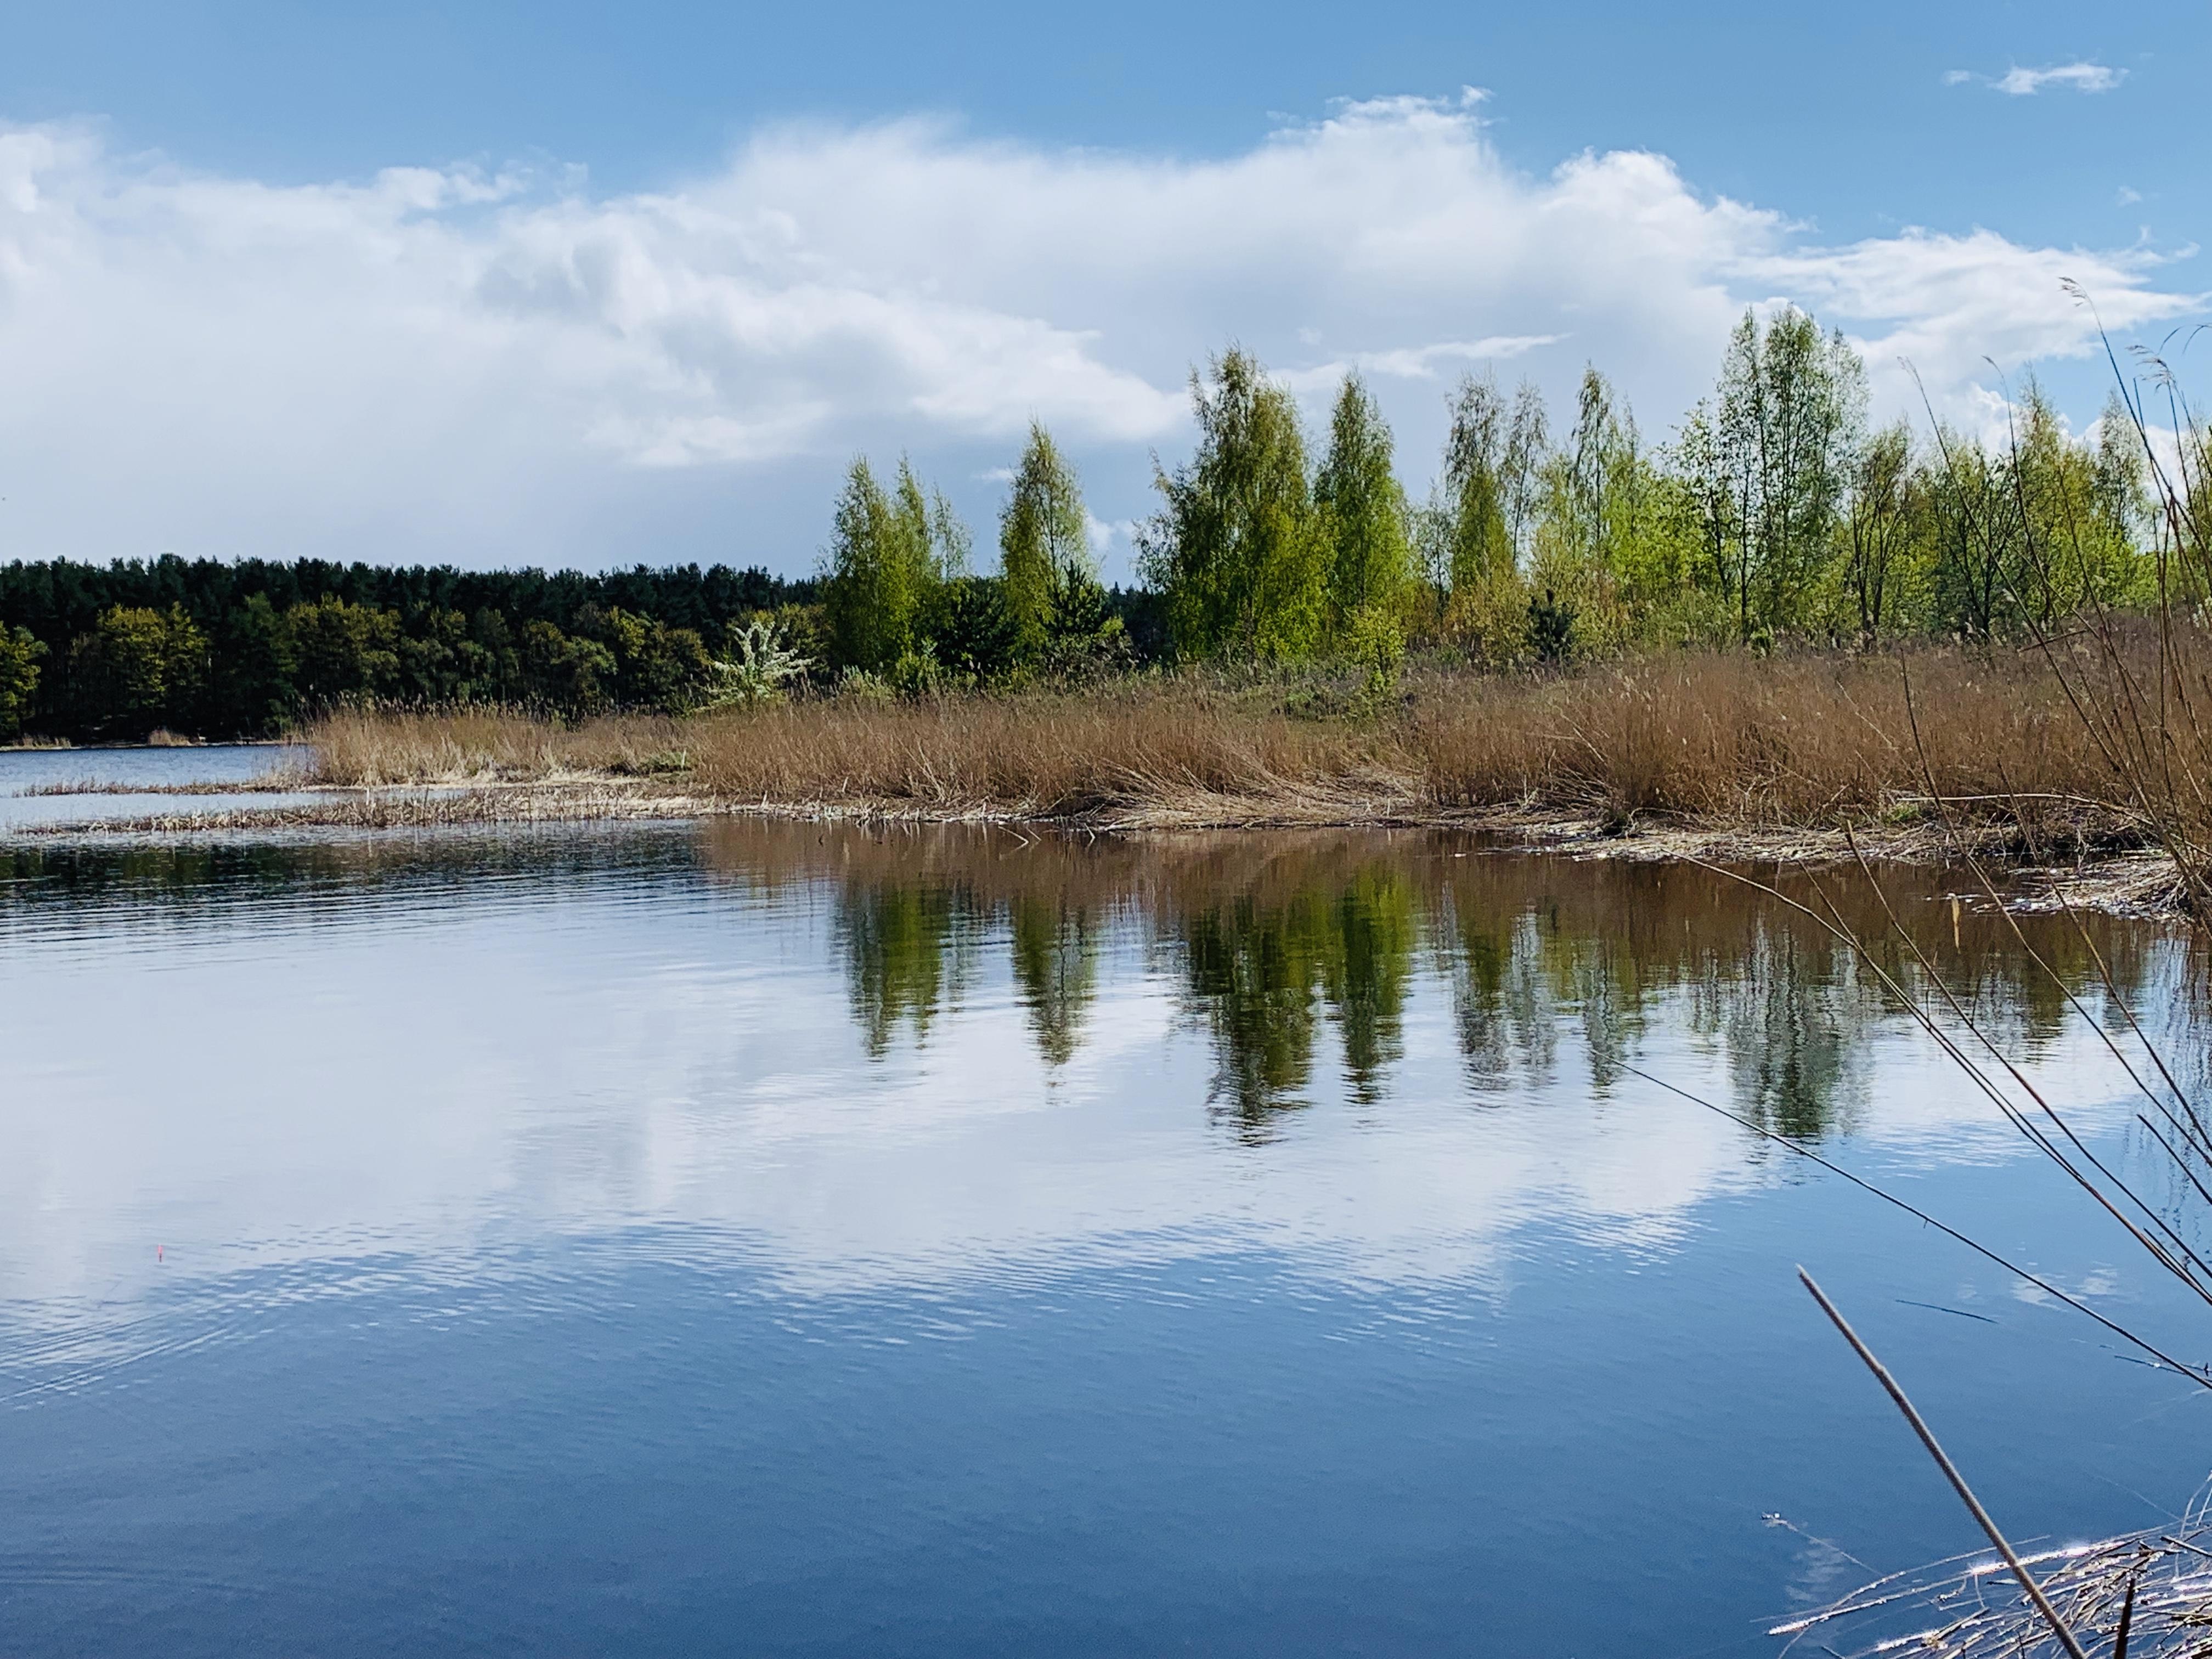 рыбалка река Лиелупе Латвия Lielupe пейзажи природы май лещ Альберт Сафиуллин